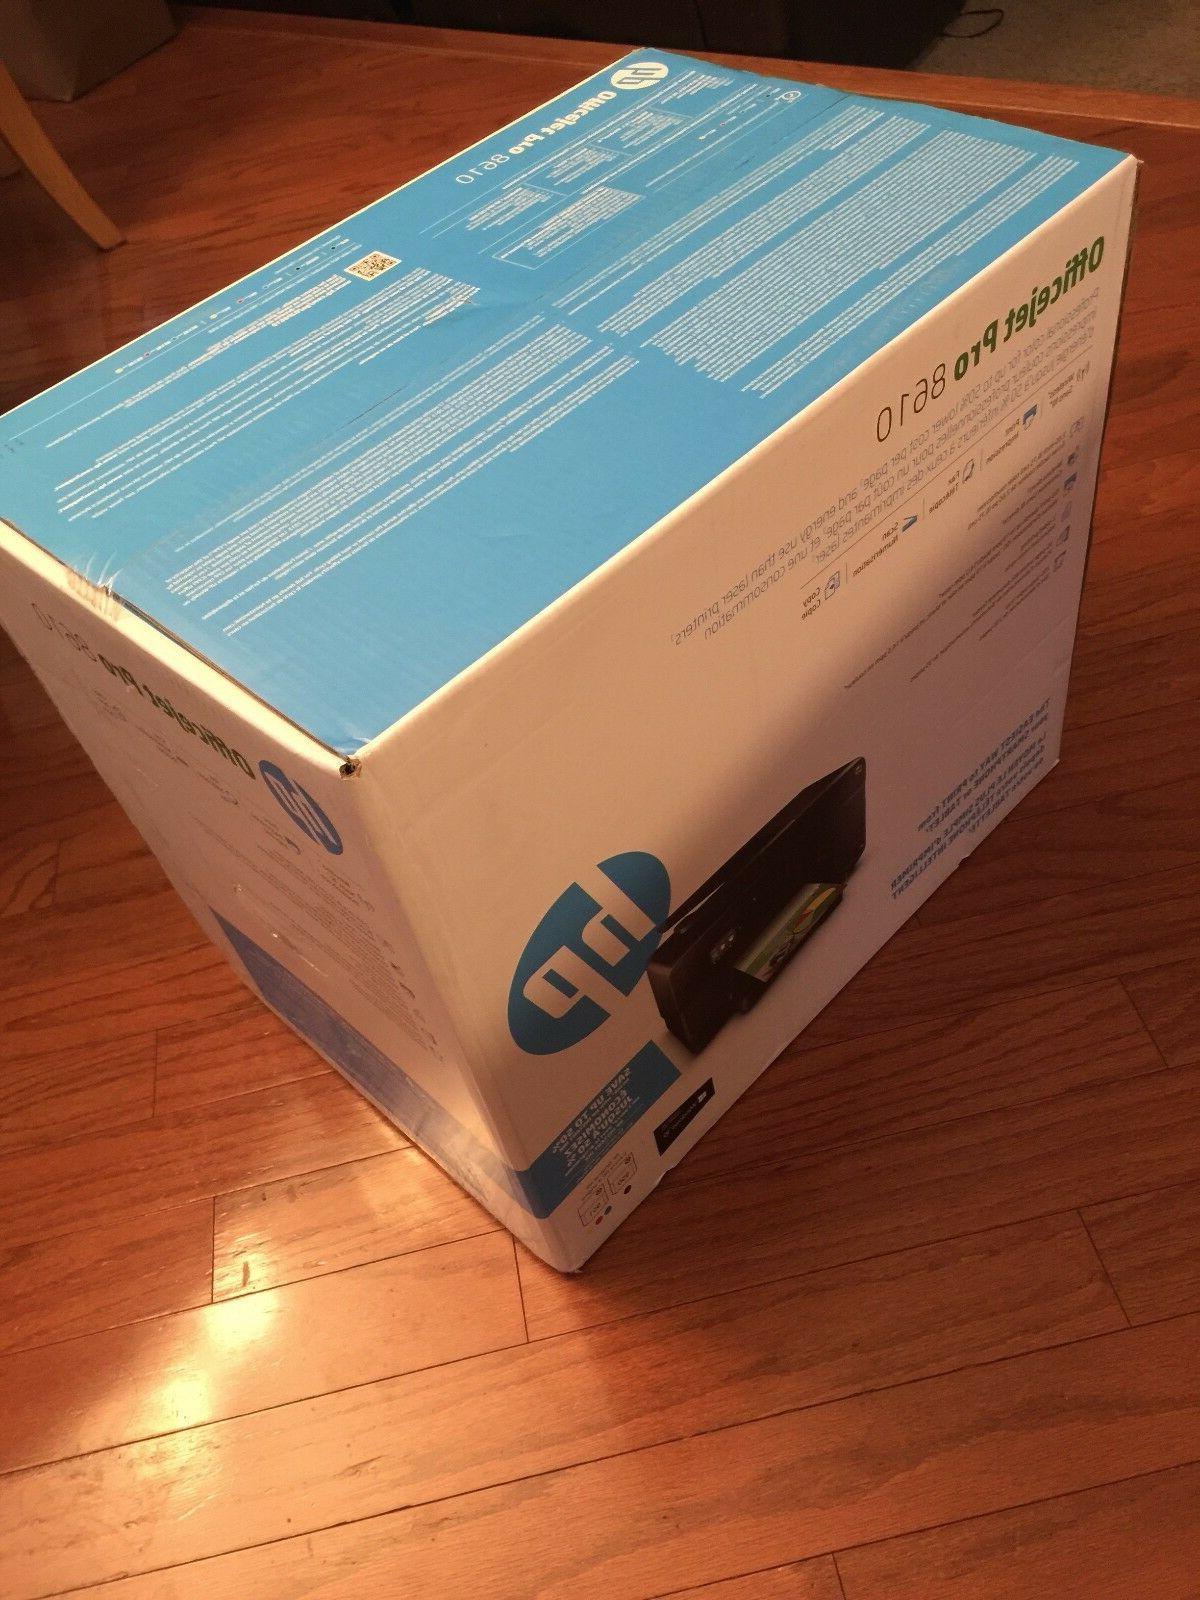 Brand HP Officejet Pro 8610 Wireless All-In-One Color Inkjet Printer w/ Ink